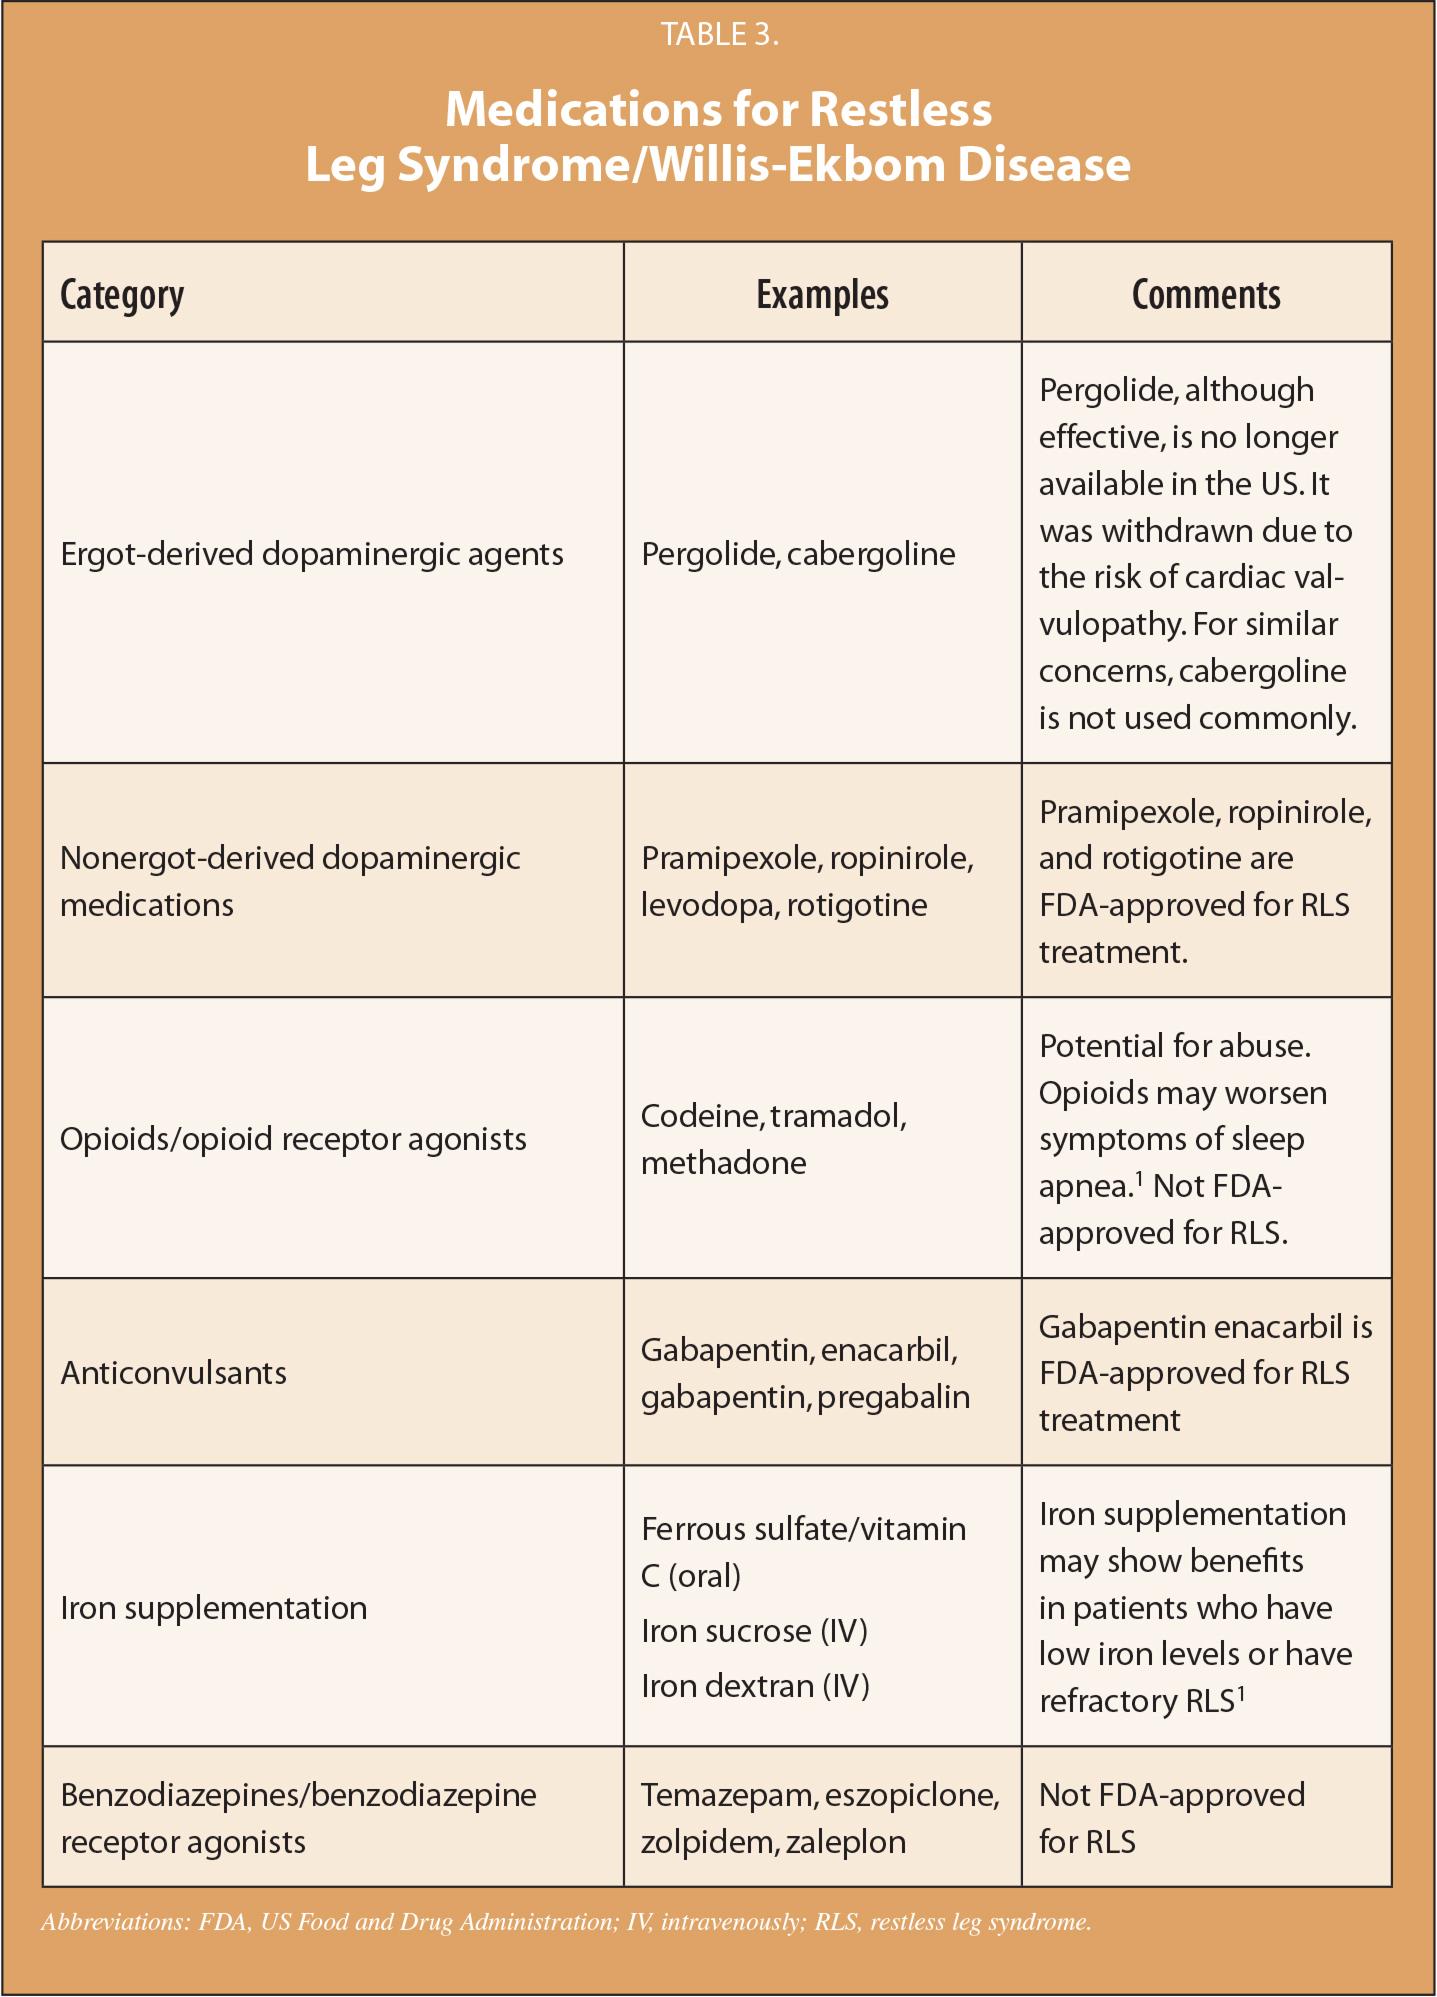 Medications for Restless Leg Syndrome/Willis-Ekbom Disease